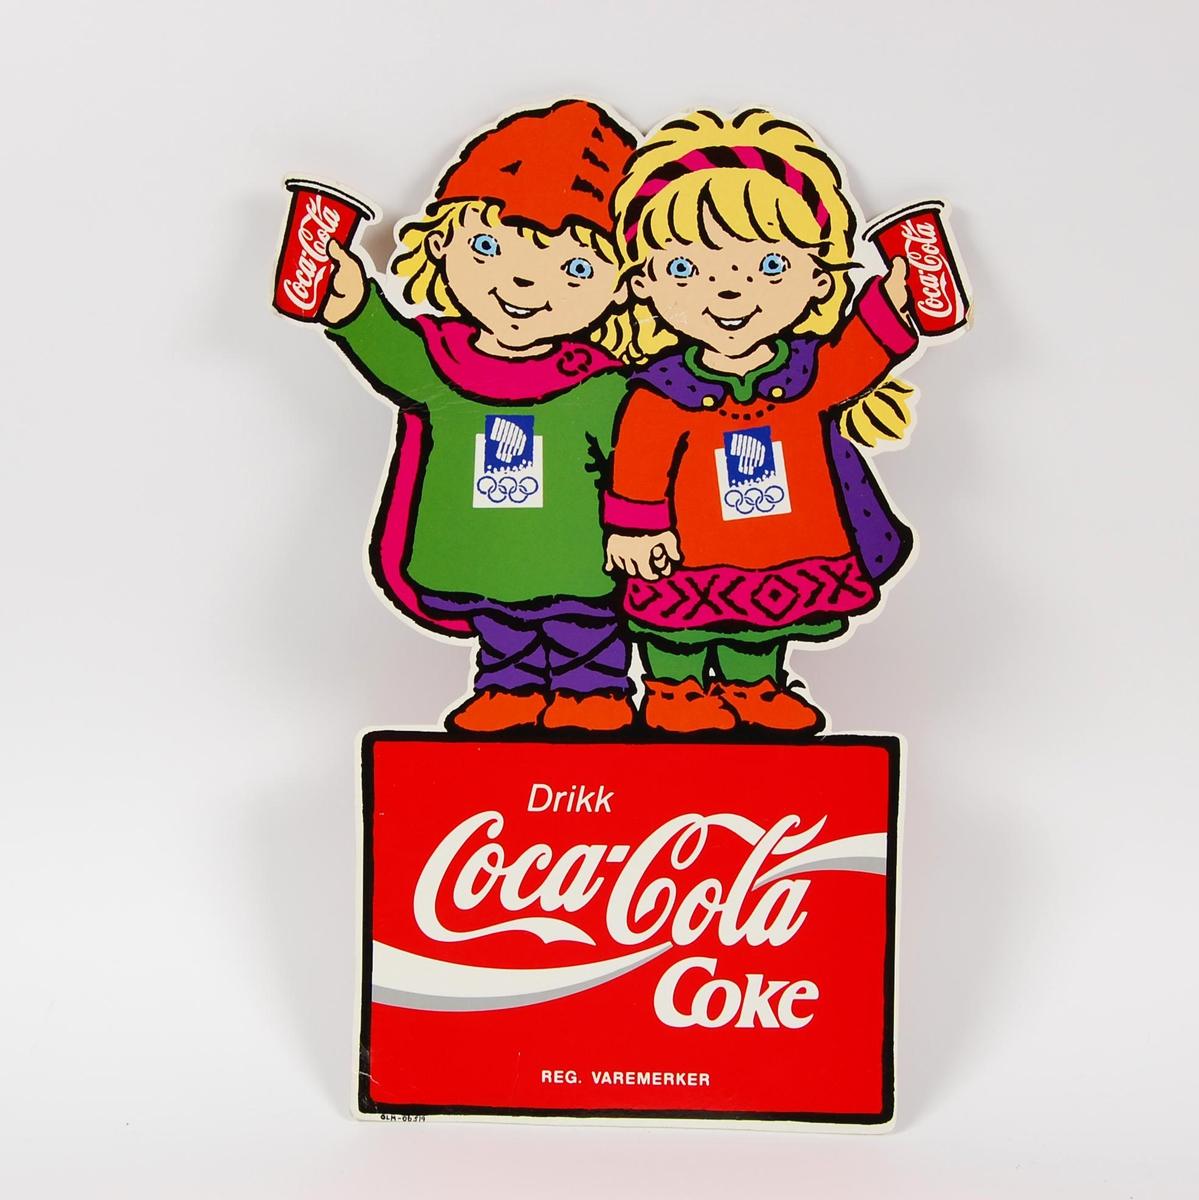 Reklameskilt med logo for Coca-Cola. Maskotene for de olympiske leker på Lillehammer i 1994, Kristin og Håkon, utgjør store deler av motivet og formen på skiltet. Skiltet er tosidig og likt på begge sider. Skiltet har noe slitasje.